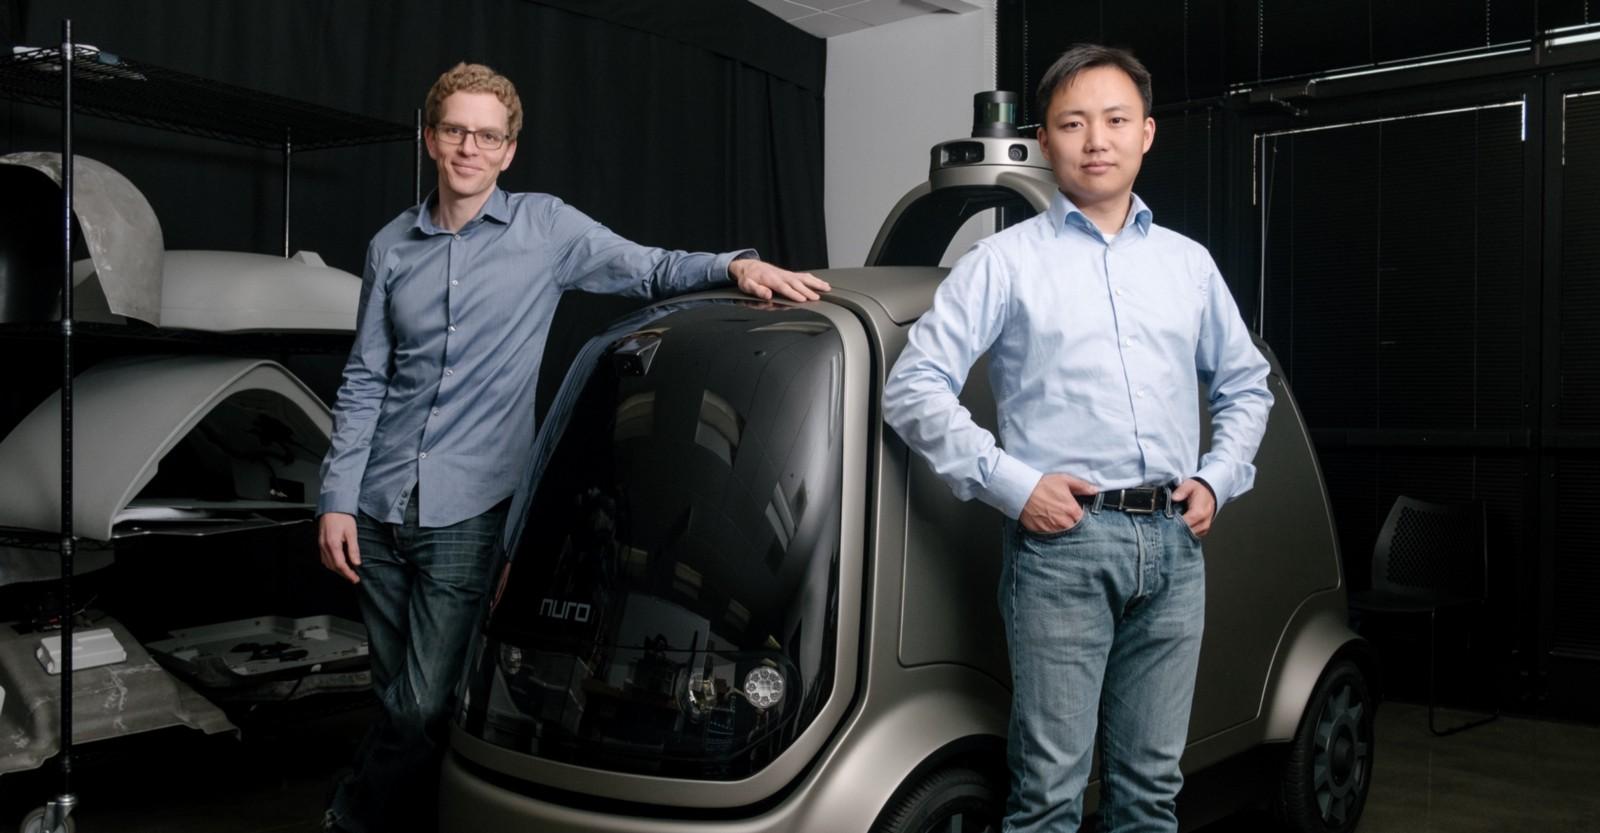 Nuro Co-founders: Dave Ferguson and Jiajun Zhu.